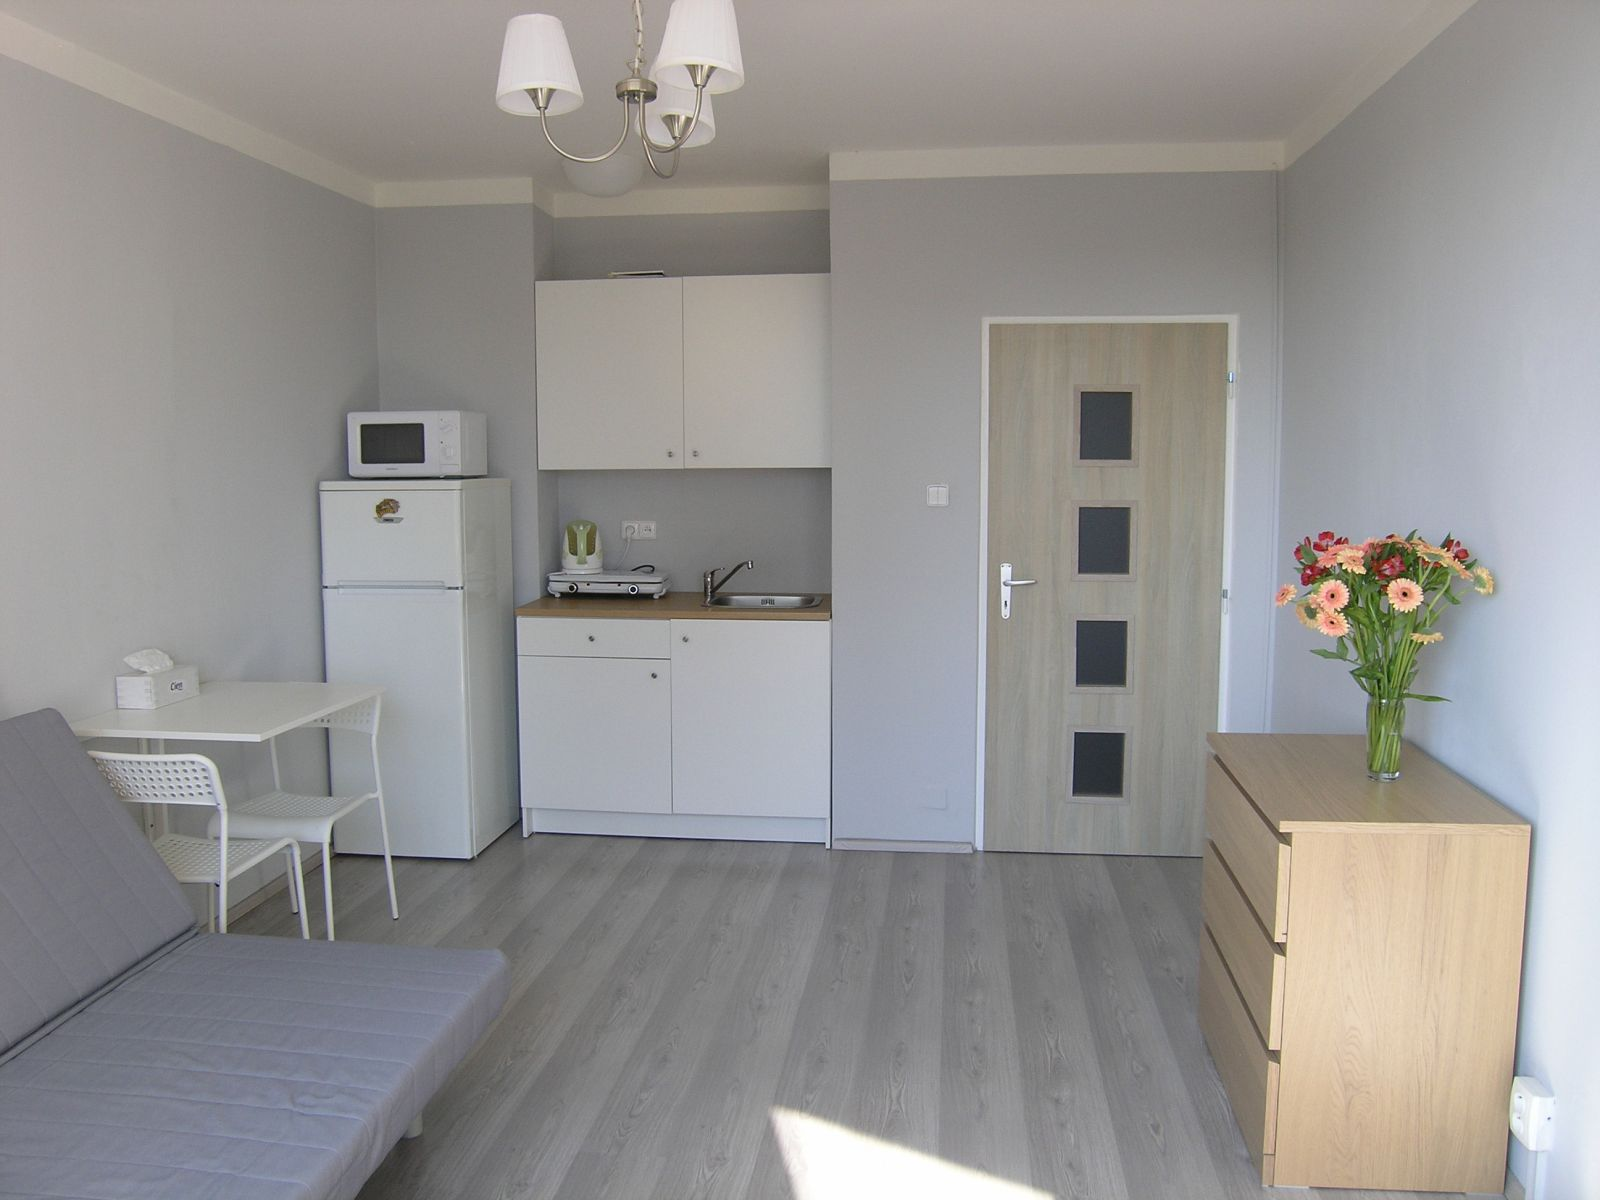 Pronájem zařízeného bytu 1+kk se sklepem, ul. Střížkovská, Praha 9 - Střížkov